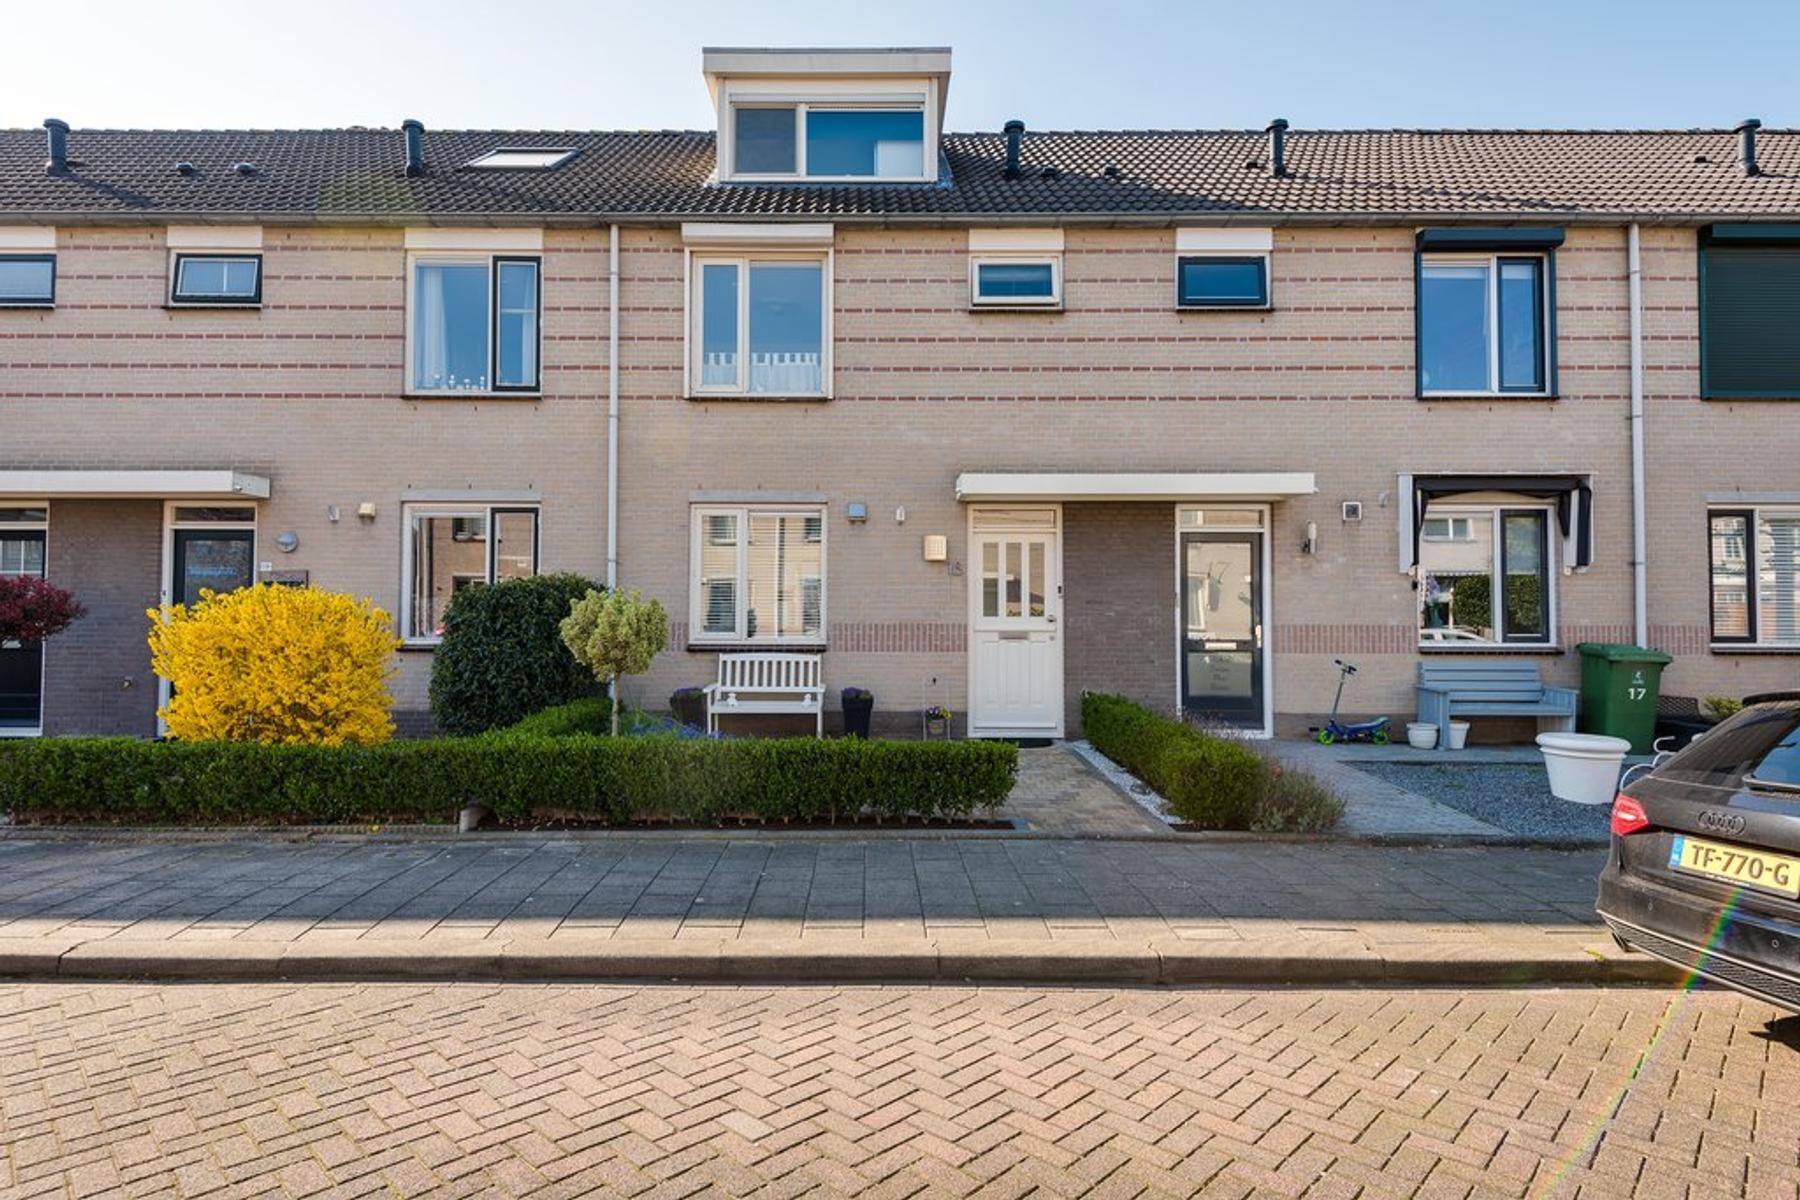 Swammerdamstraat 18 in Ridderkerk 2984 GG